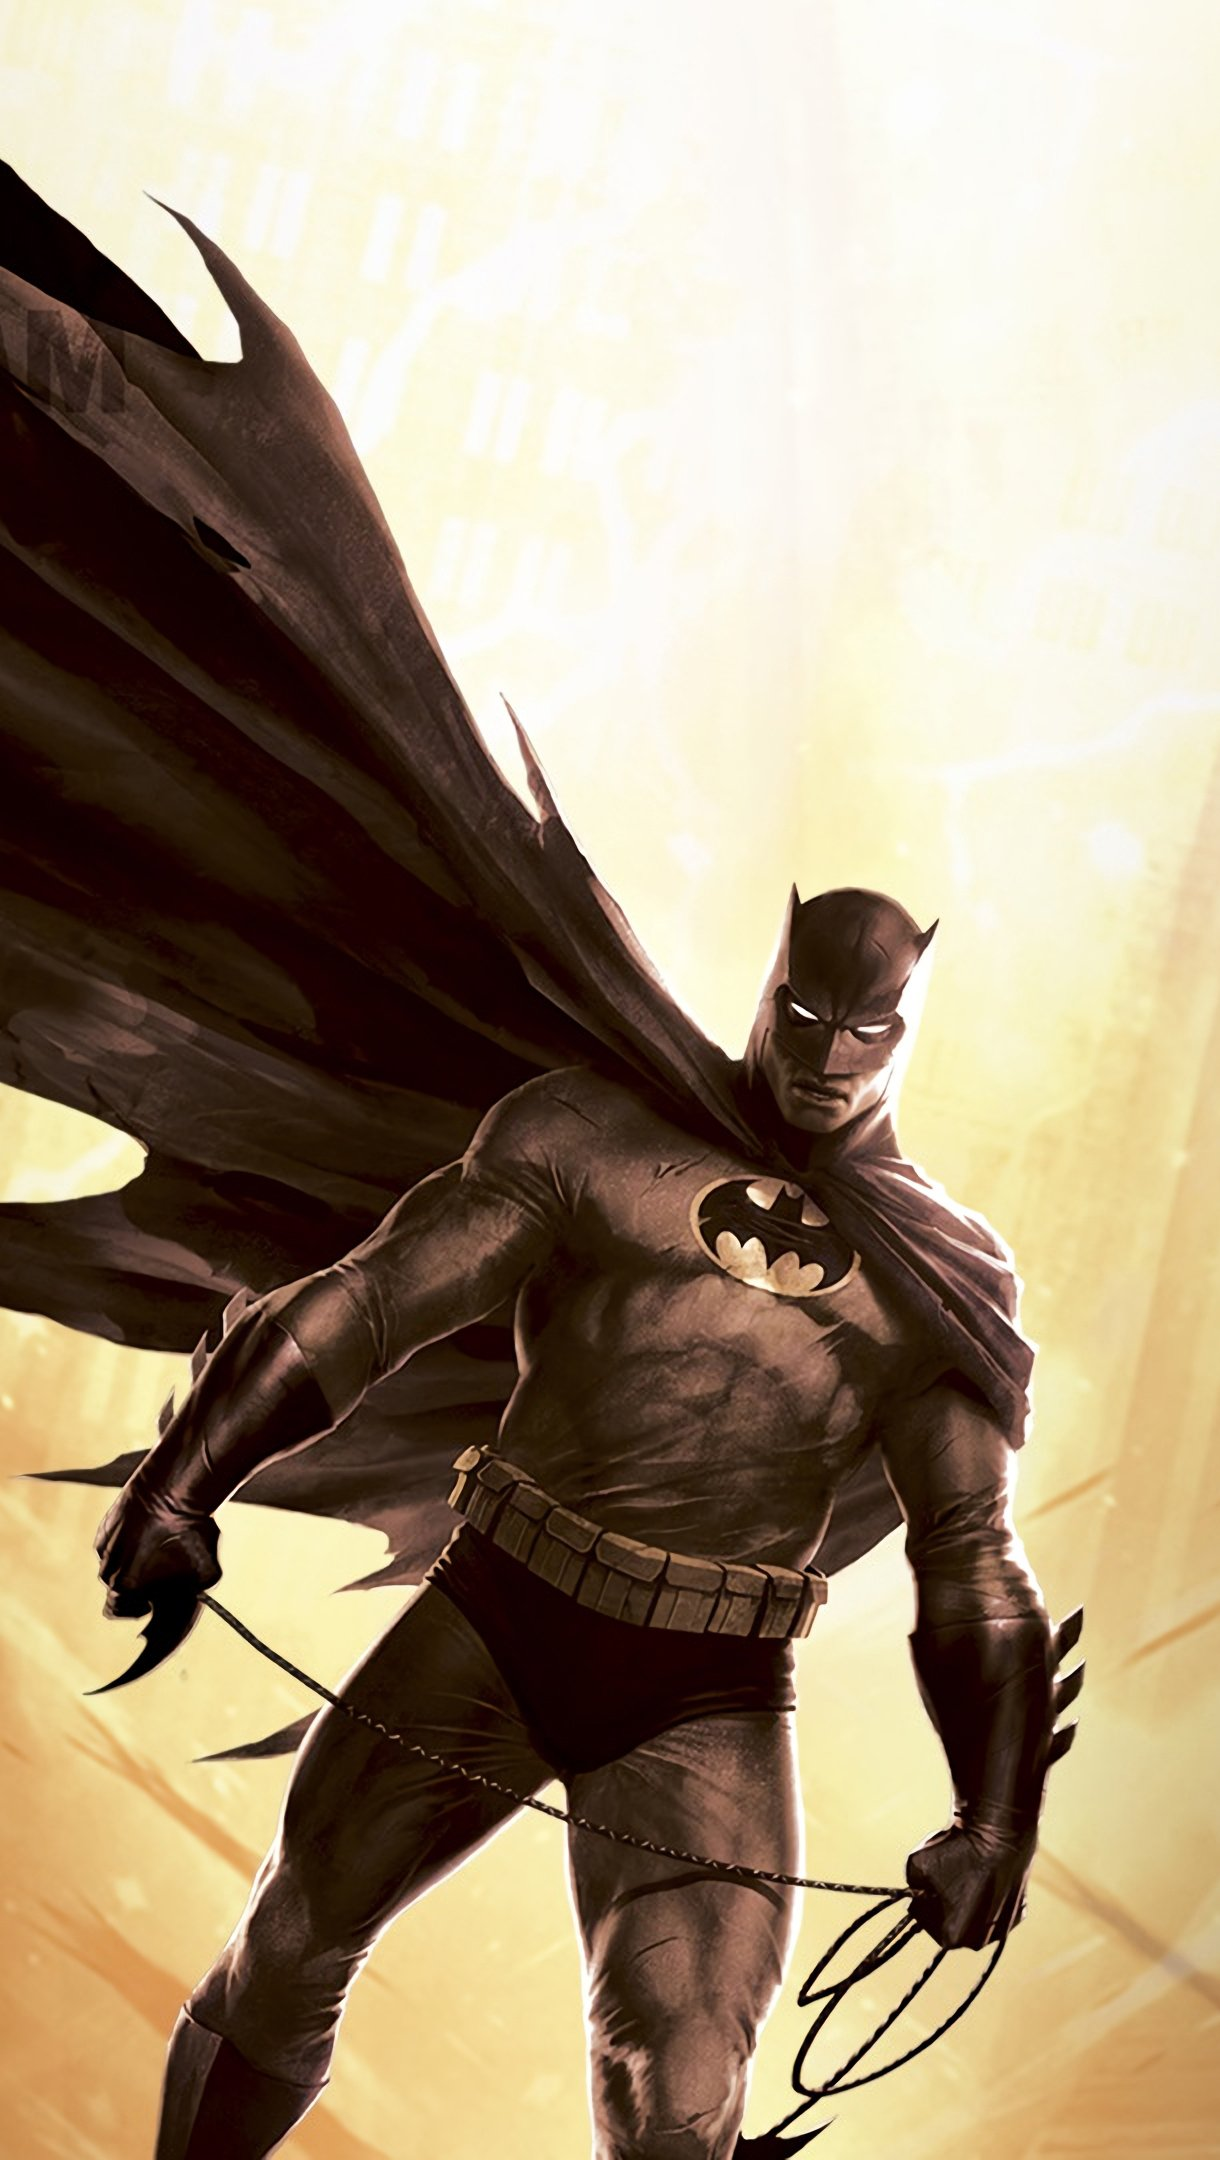 Wallpaper Batman DC comics Vertical